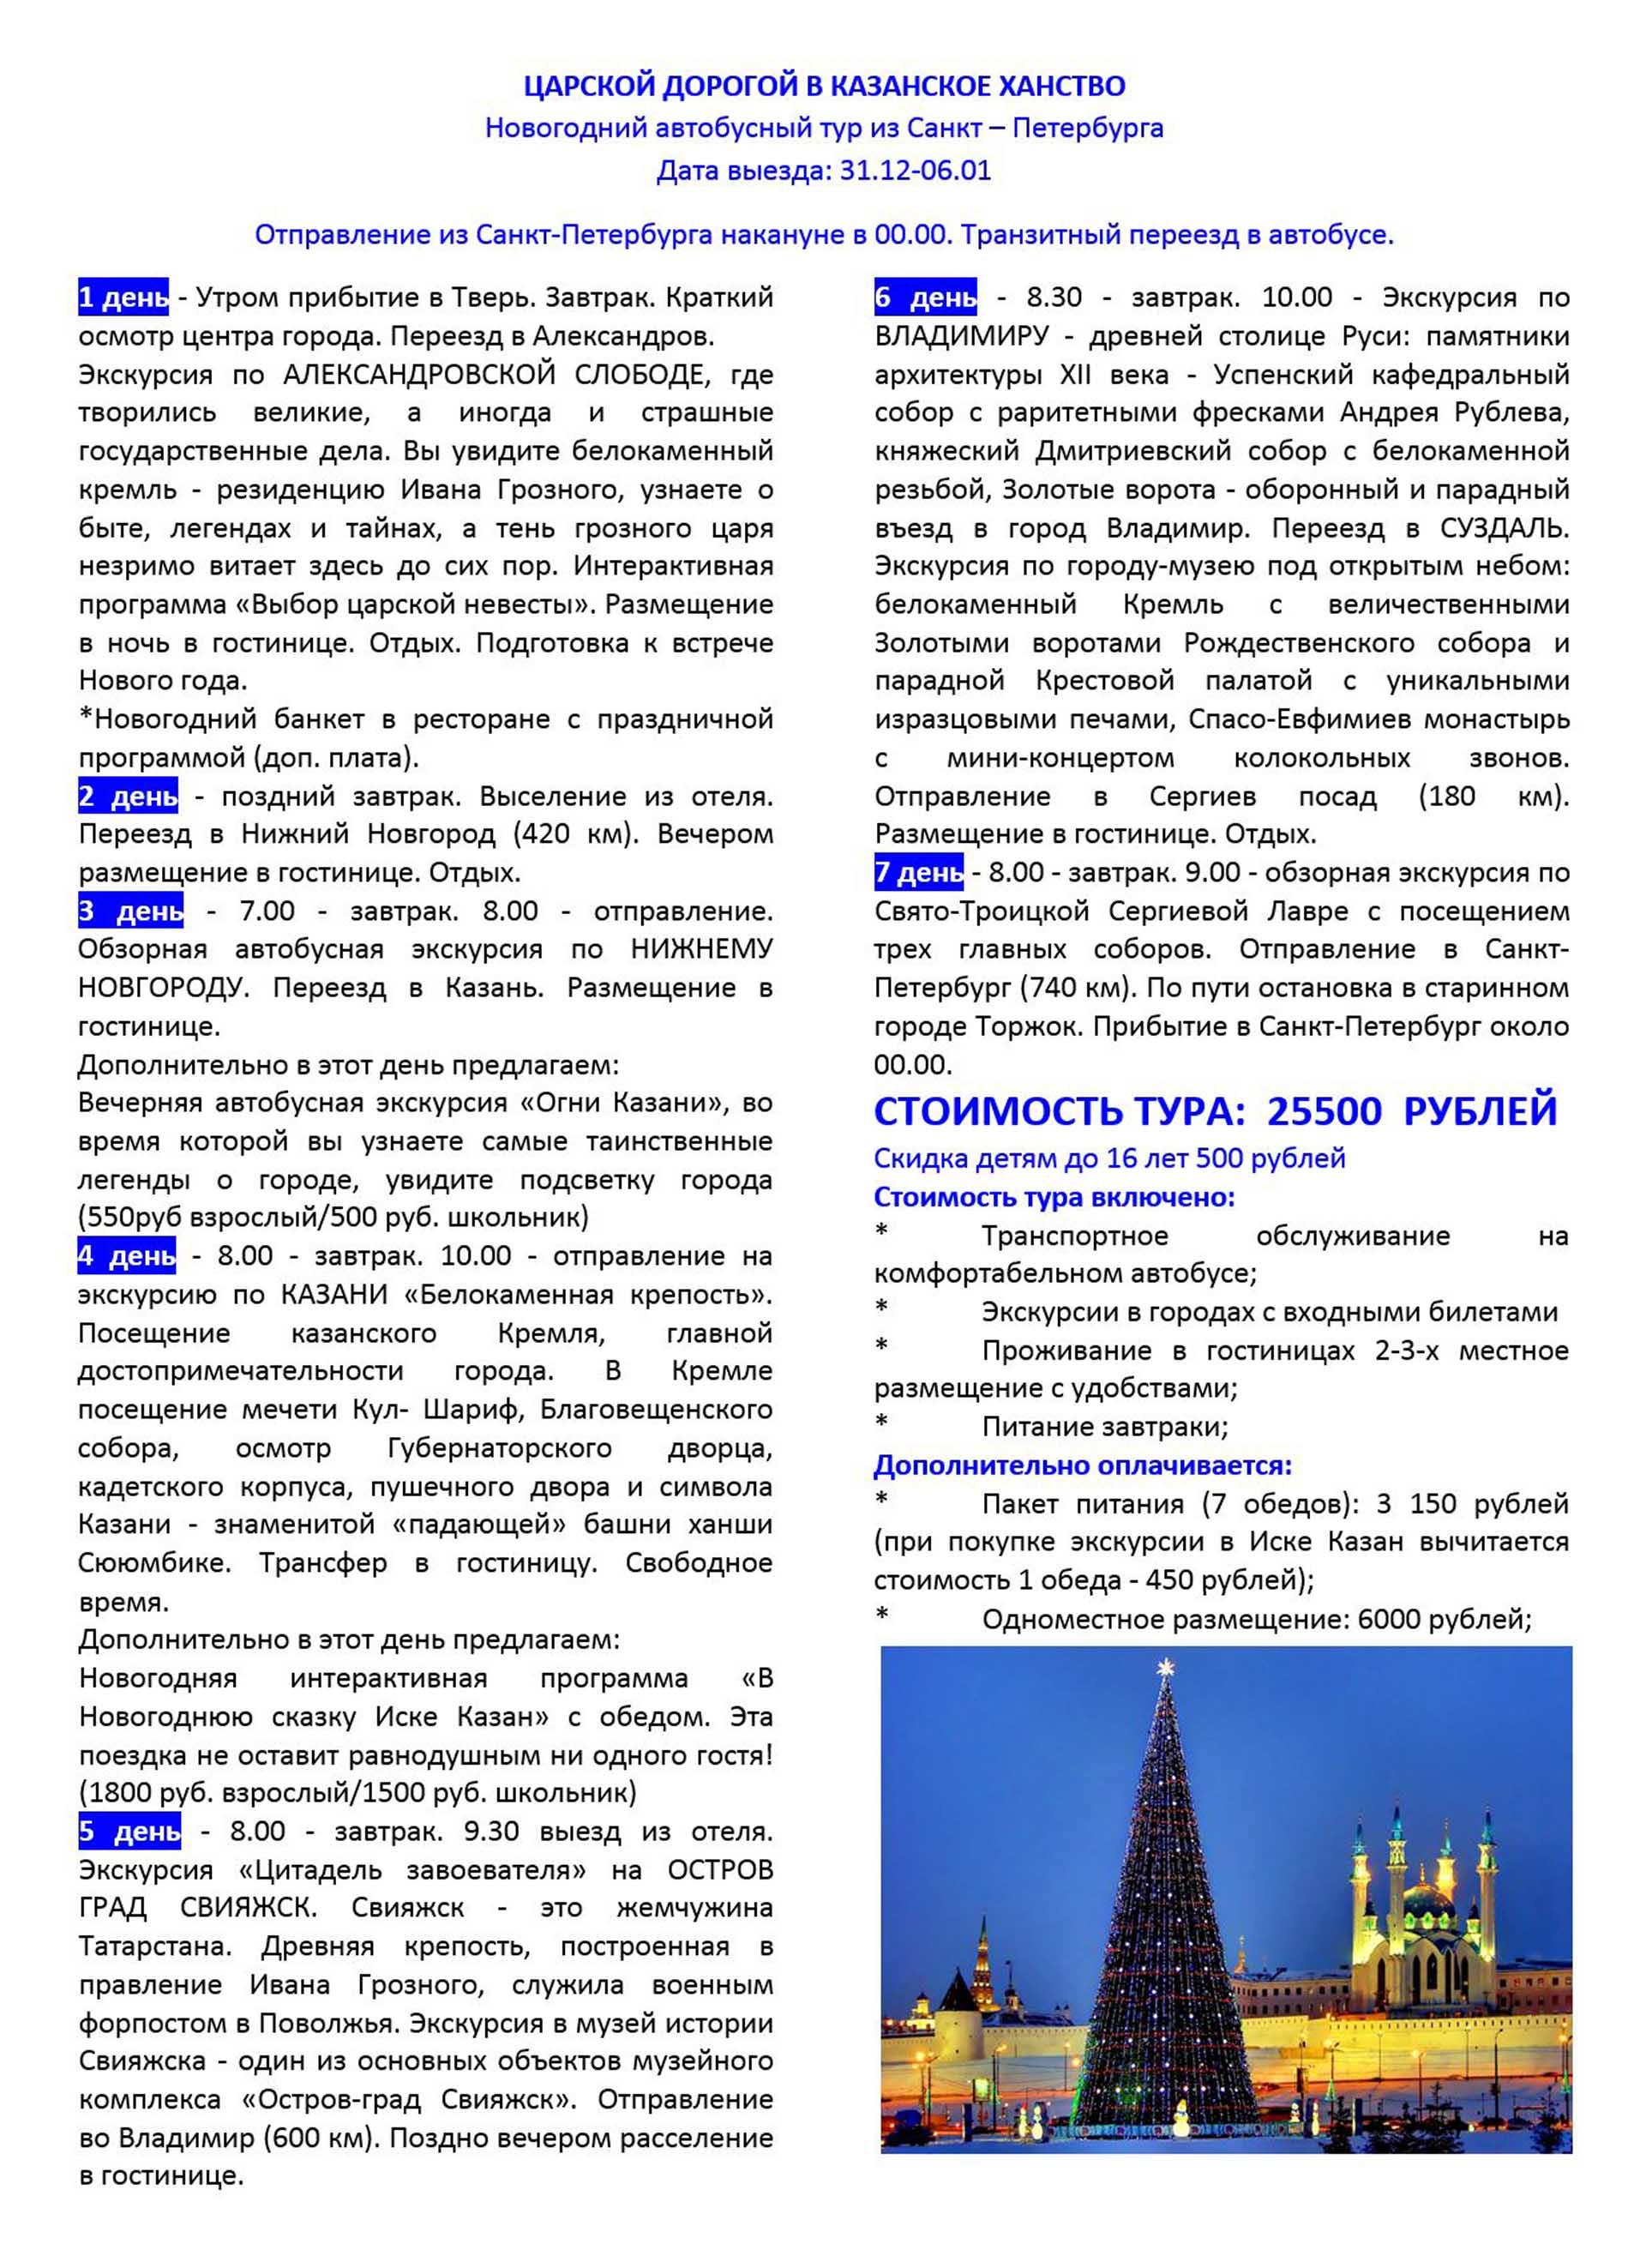 Тур в Казань на Новый Год 2018